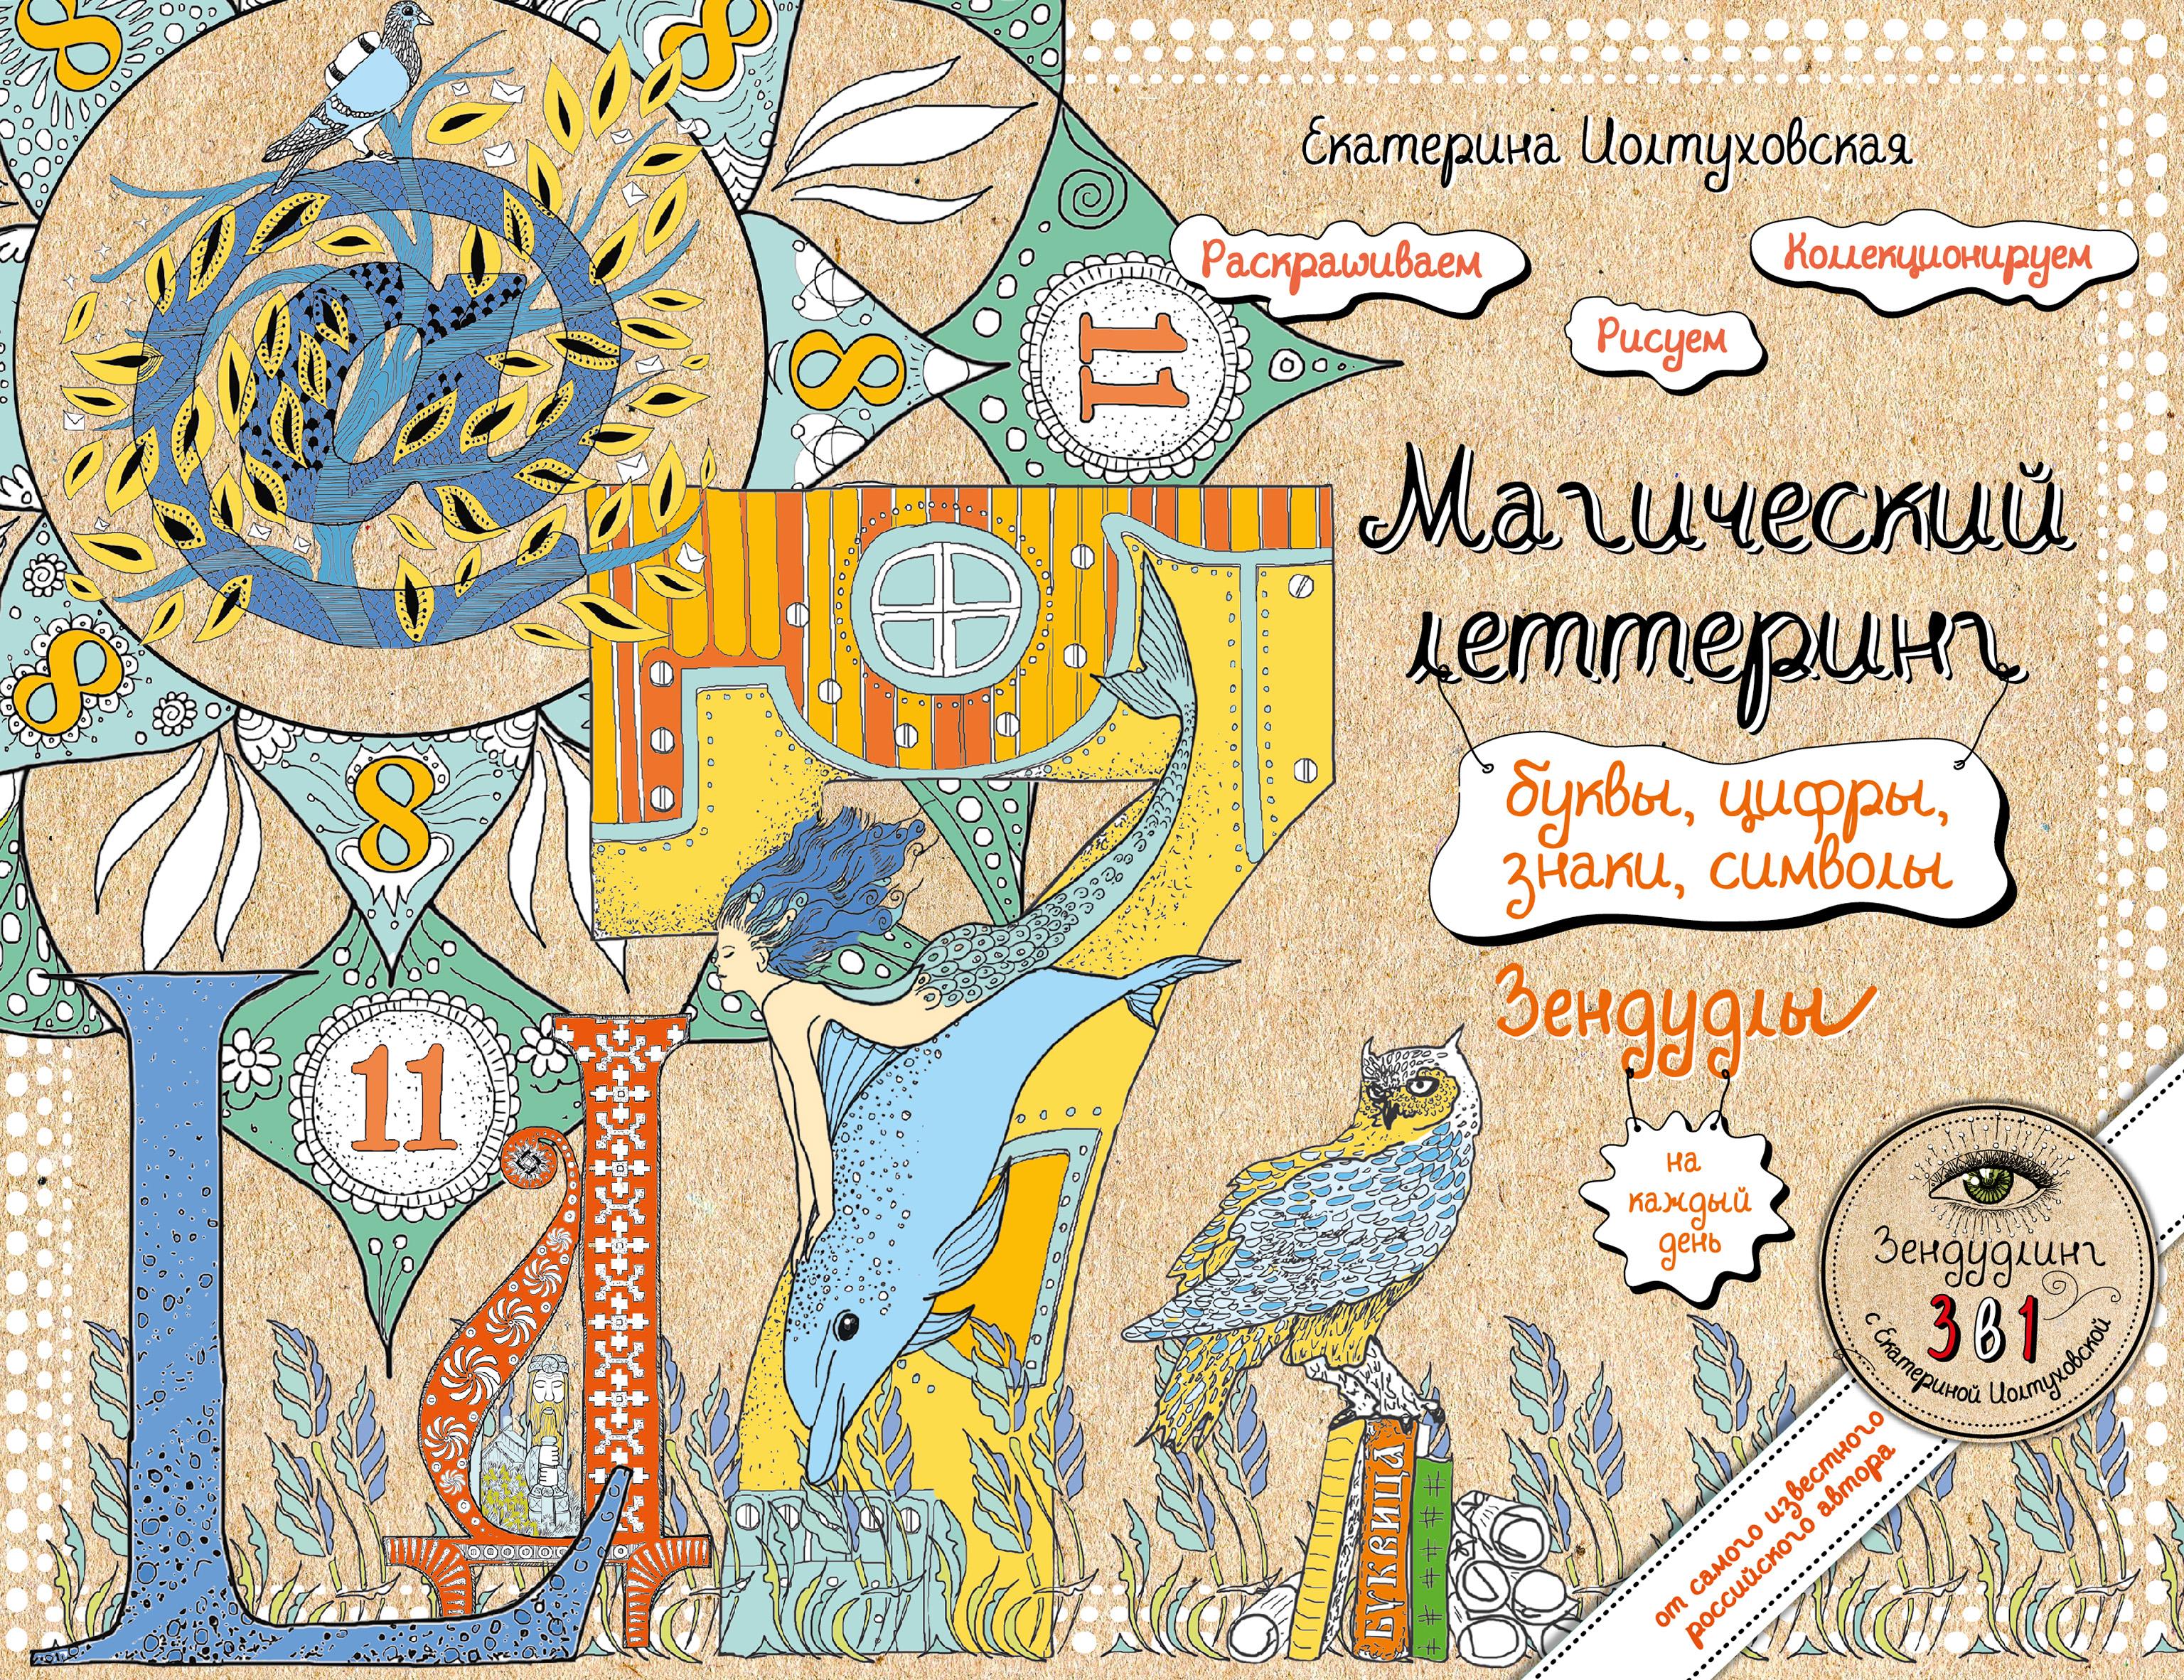 Екатерина Иолтуховская Магический леттеринг. Буквы, цифры, знаки, символы. Зендудлы на каждый день екатерина иолтуховская магический леттеринг буквы цифры знаки символы зендудлы на каждый день